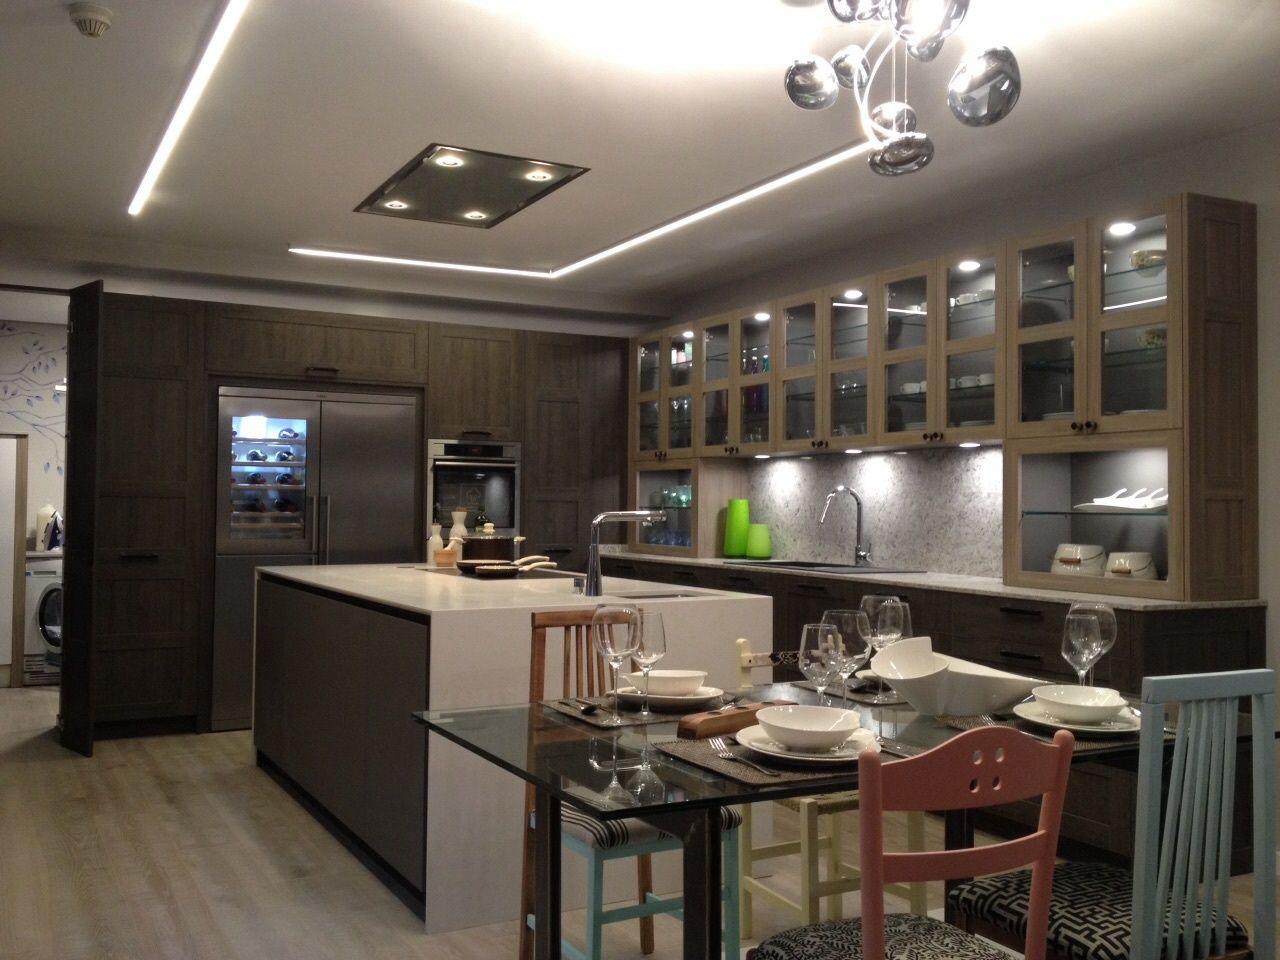 Casa decor 2015 cocina de l nea 3 cocinas cocina en - Linea 3 cocinas ...